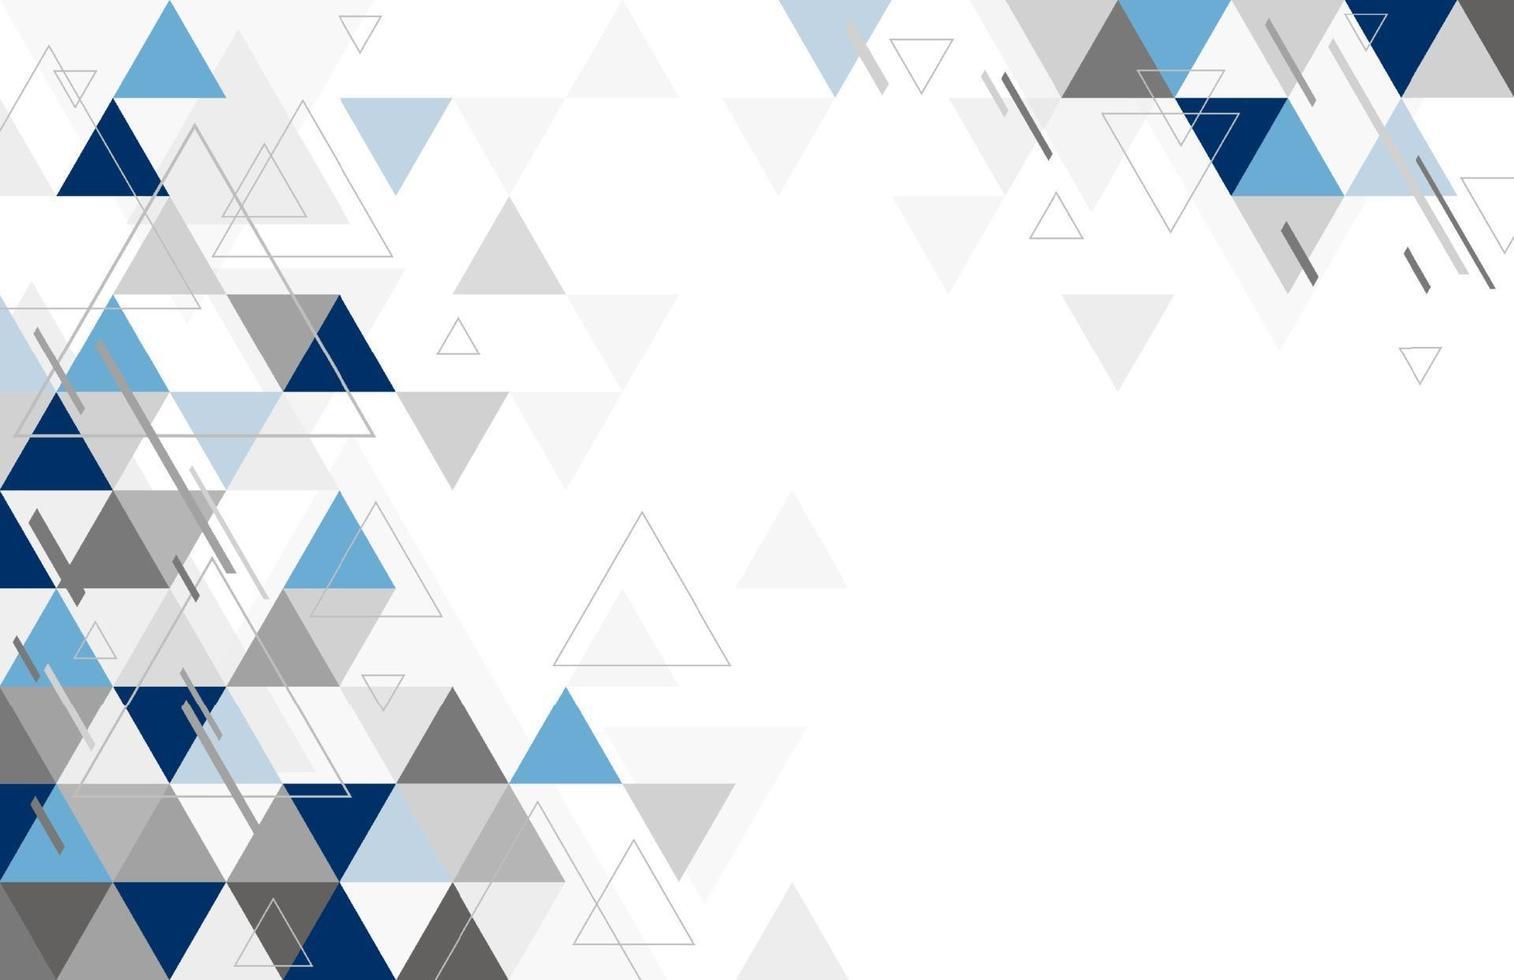 conception de fond géométrique abstrait d & # 39; illustration vectorielle triangle vecteur